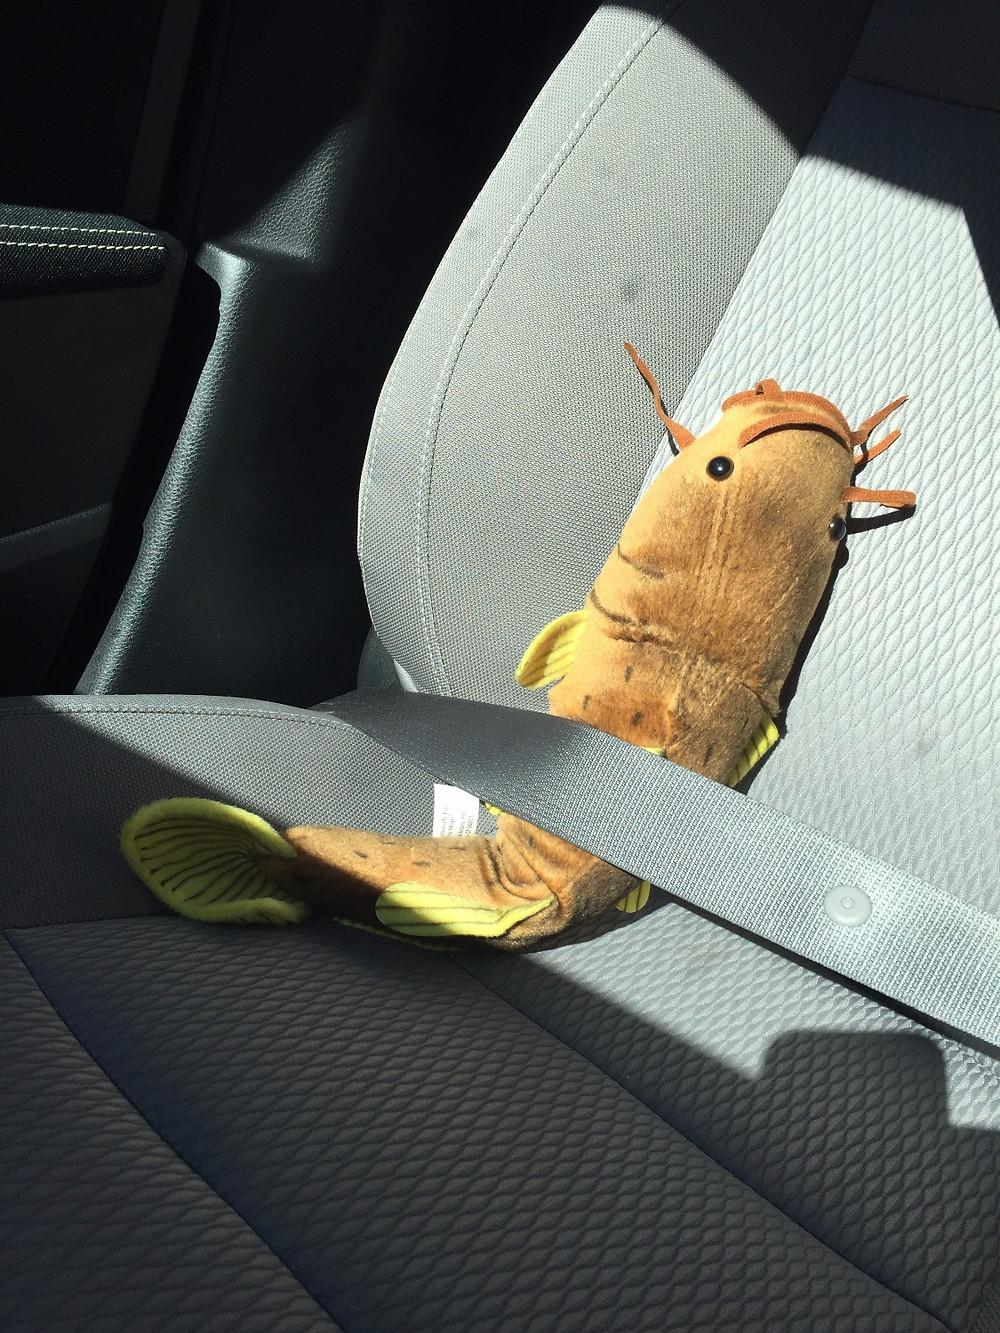 #MuddyJr buckled into car.